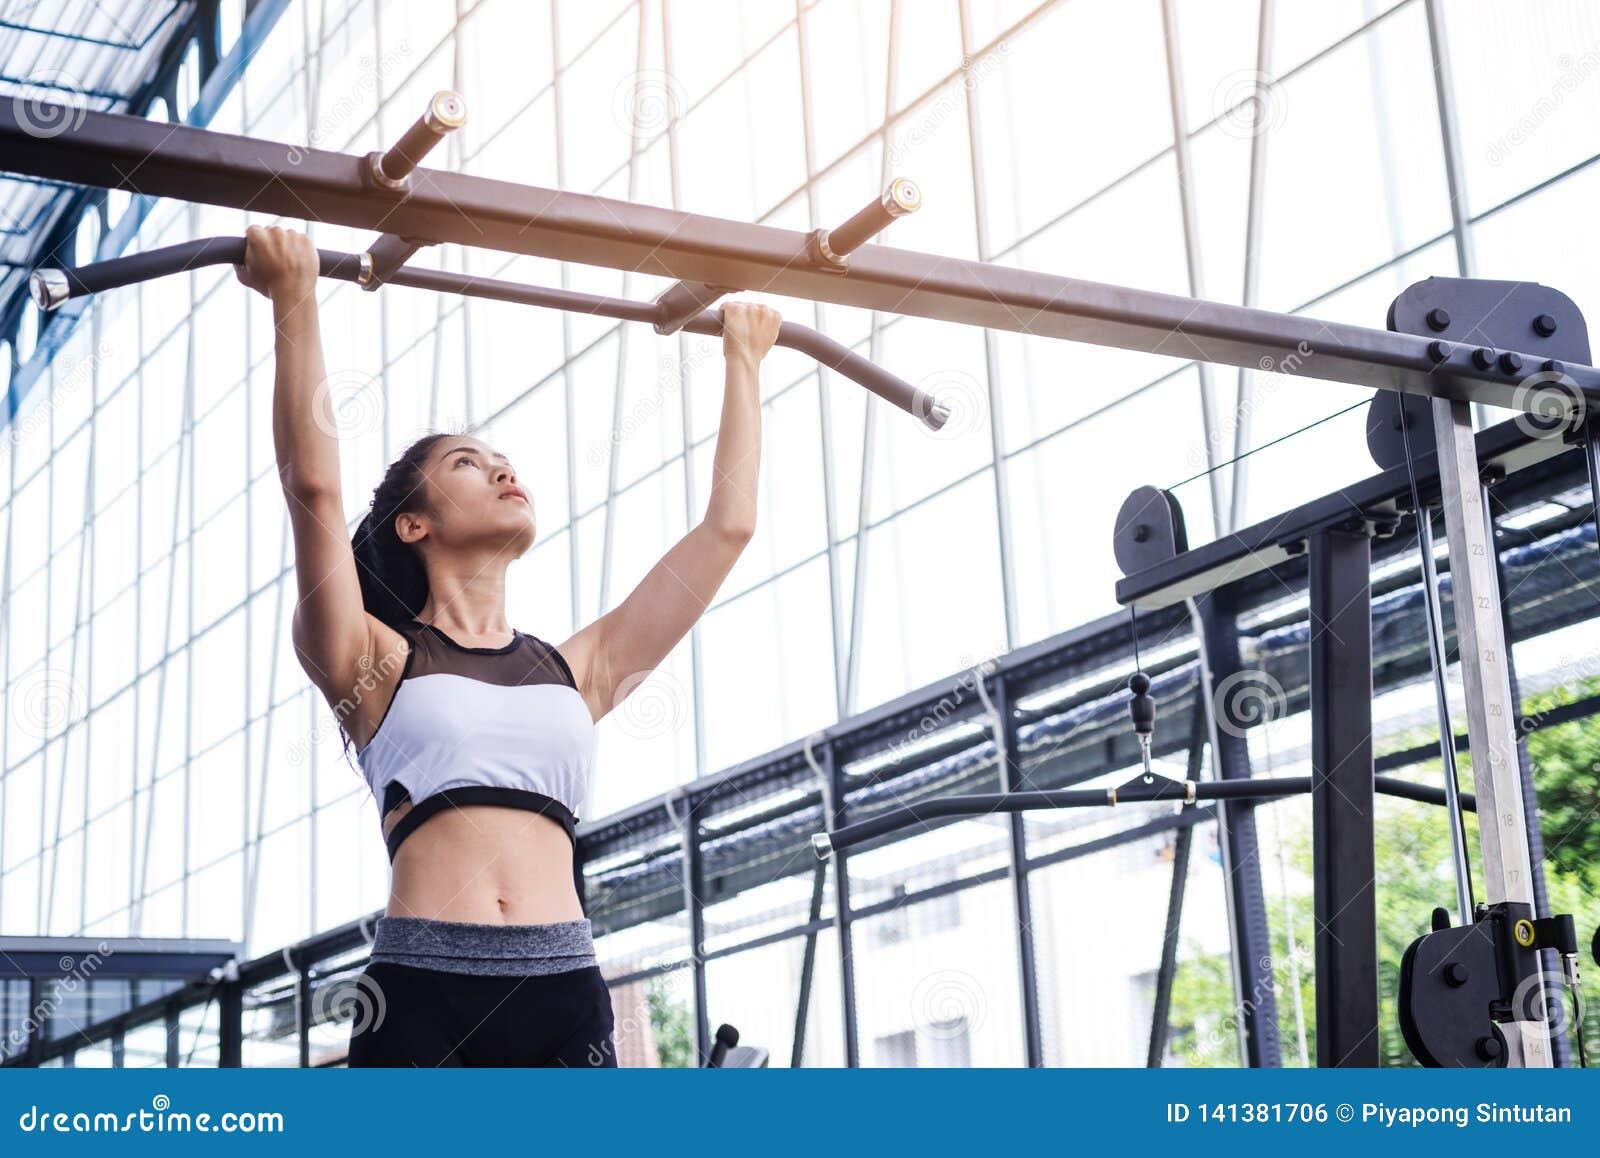 Разминка тренировки женщины фитнеса с тягой тренировк-машины вверх на баре в спортзале фитнес-центра уклад жизни принципиальной с